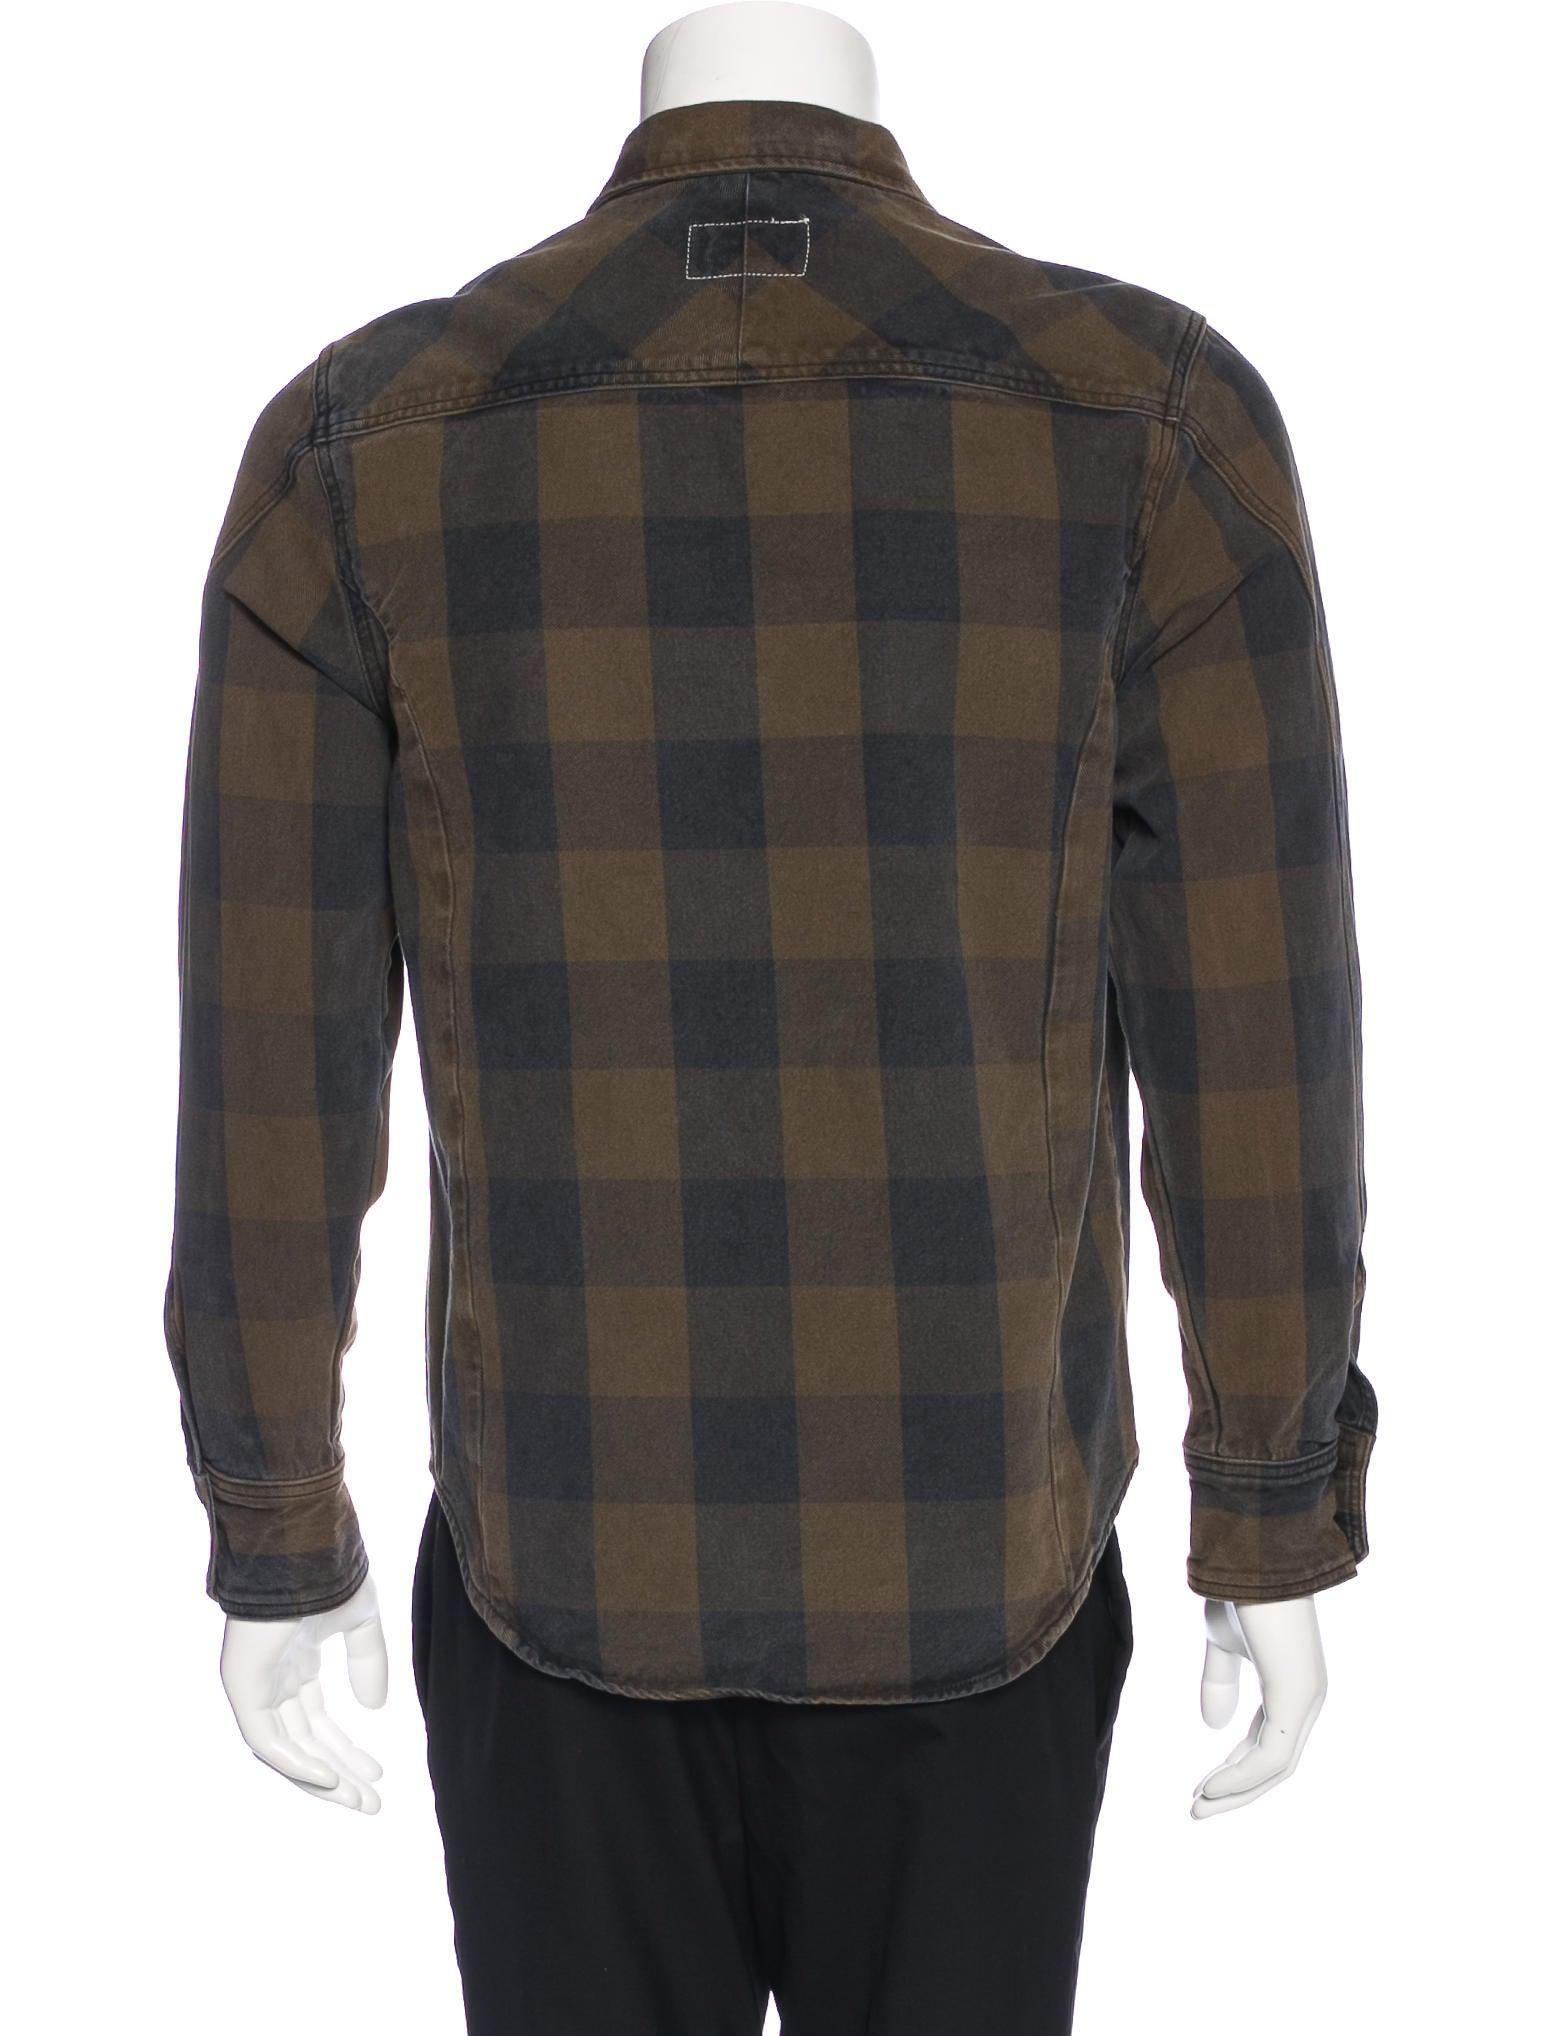 Rag Bone Plaid Denim Shirt Clothing Wragb76505 The